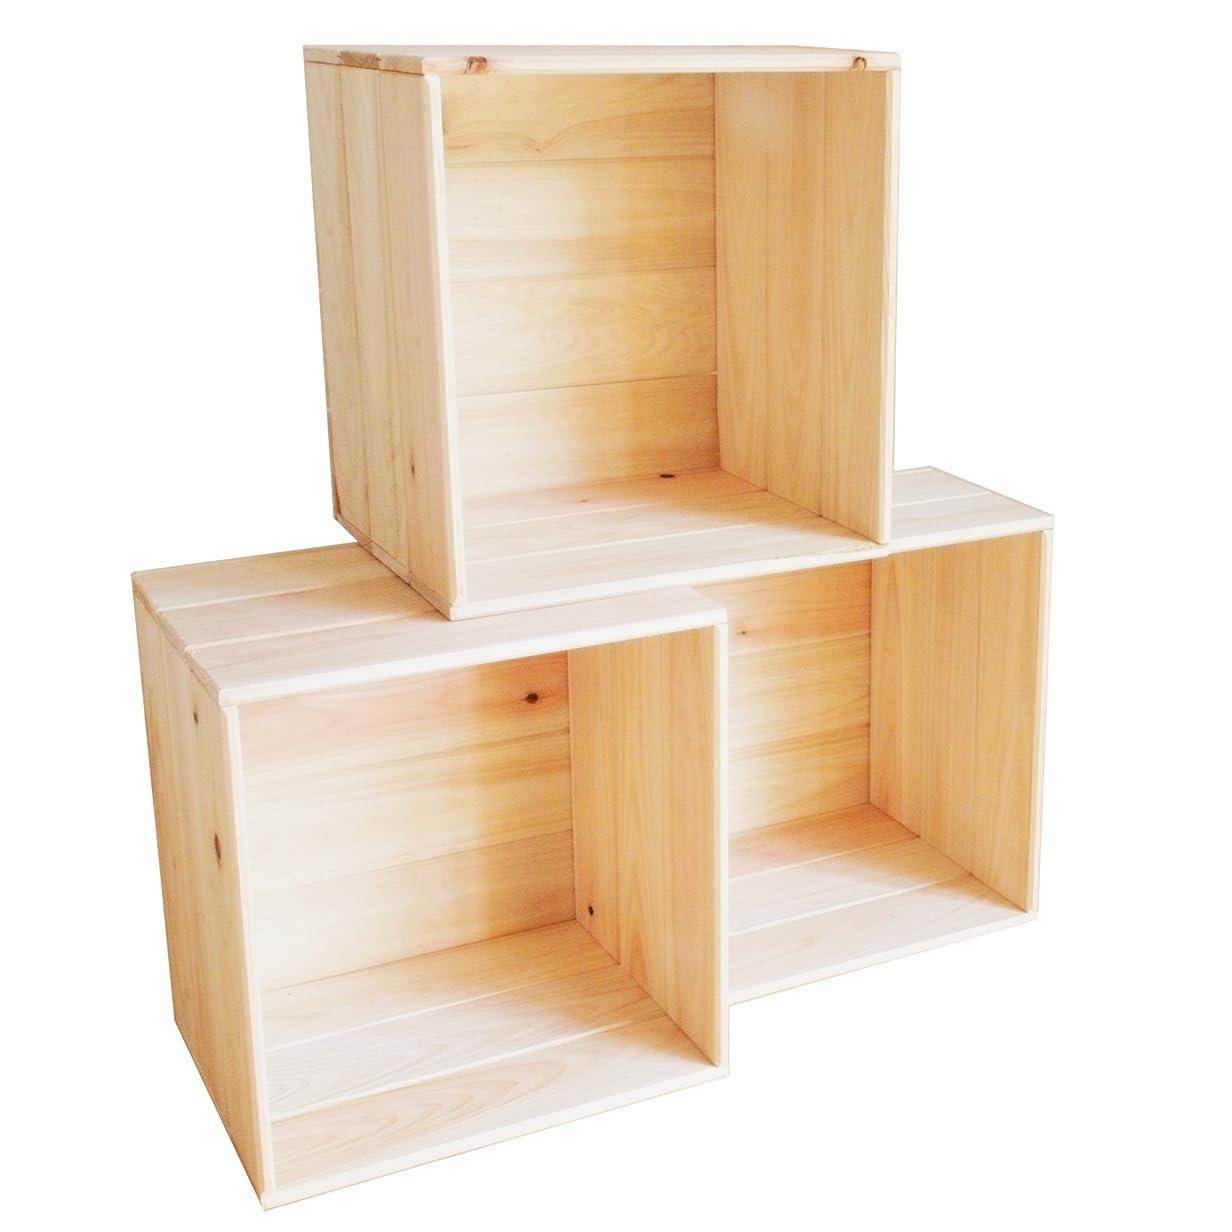 トロピカル言い訳栄光のヒノキ 収納 フリーボックス 【3個セット】 木製 国産 手作り 家具